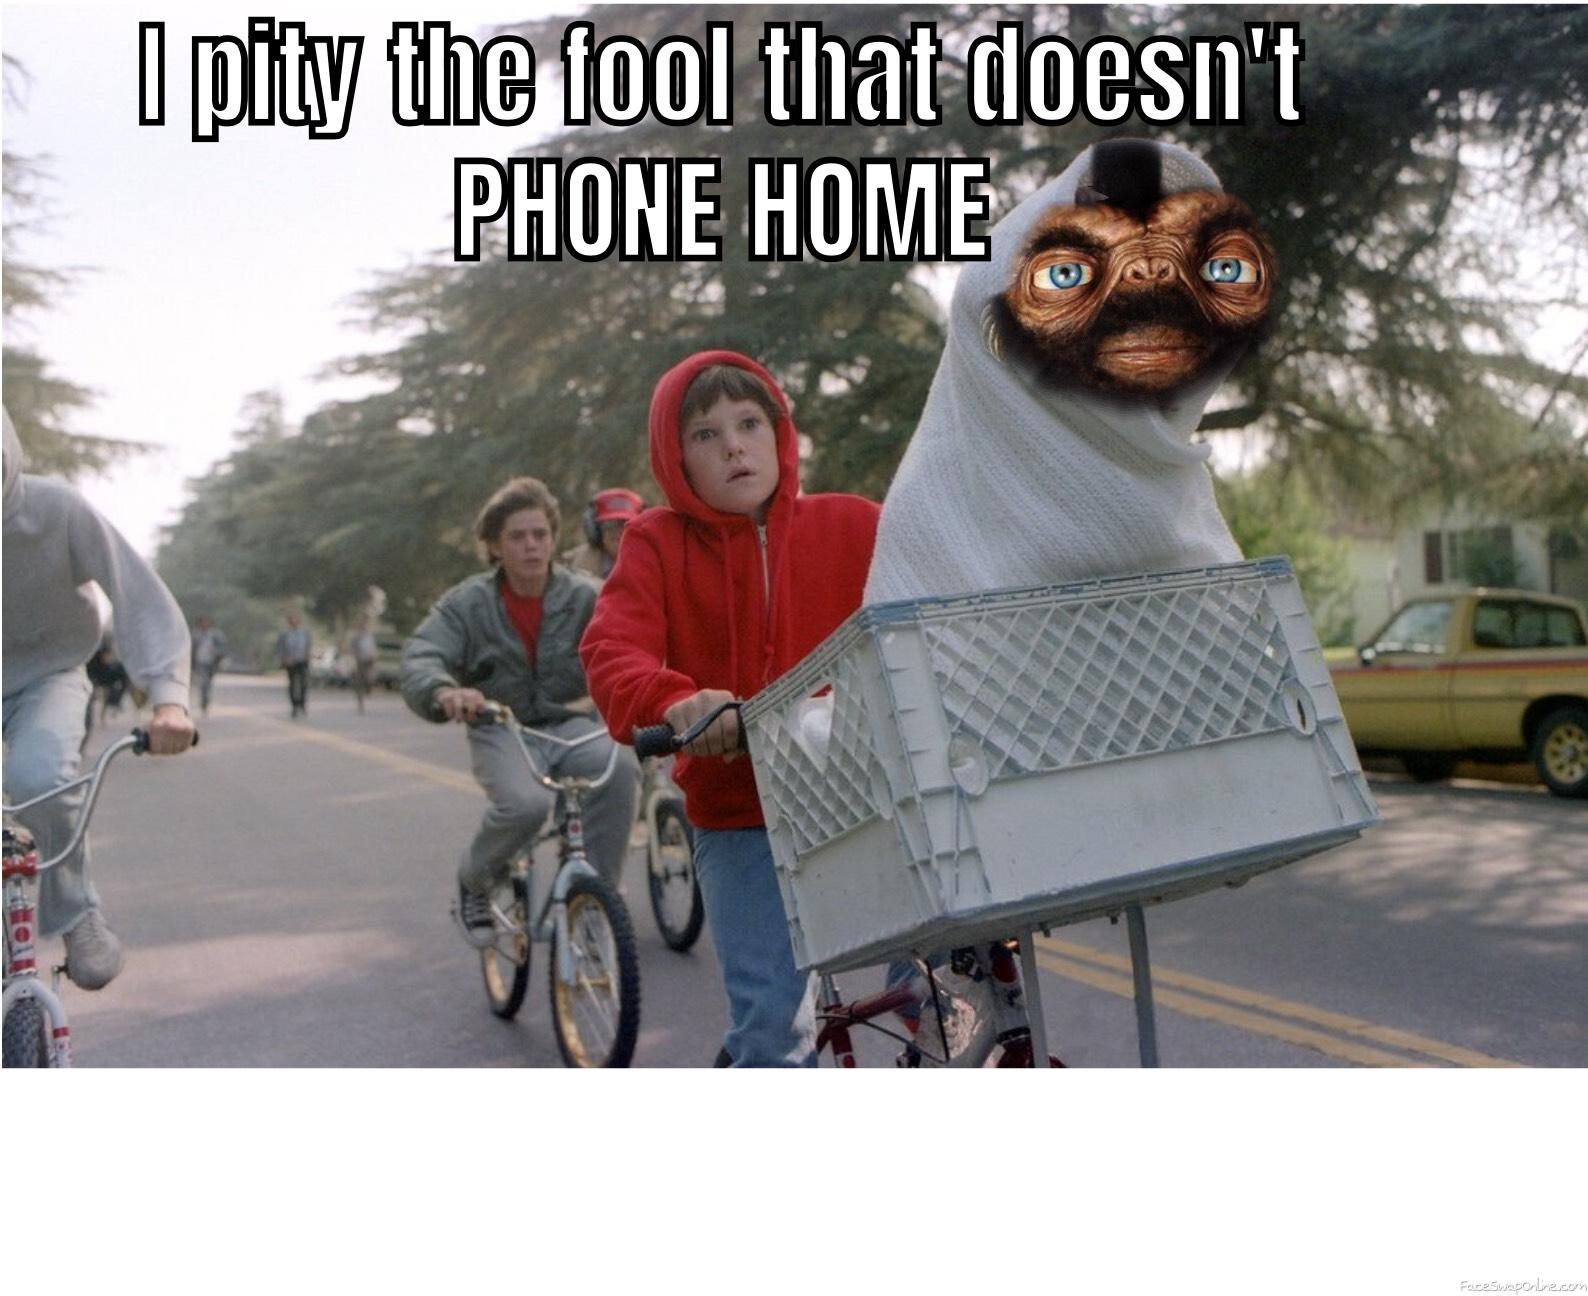 Mr. E.T